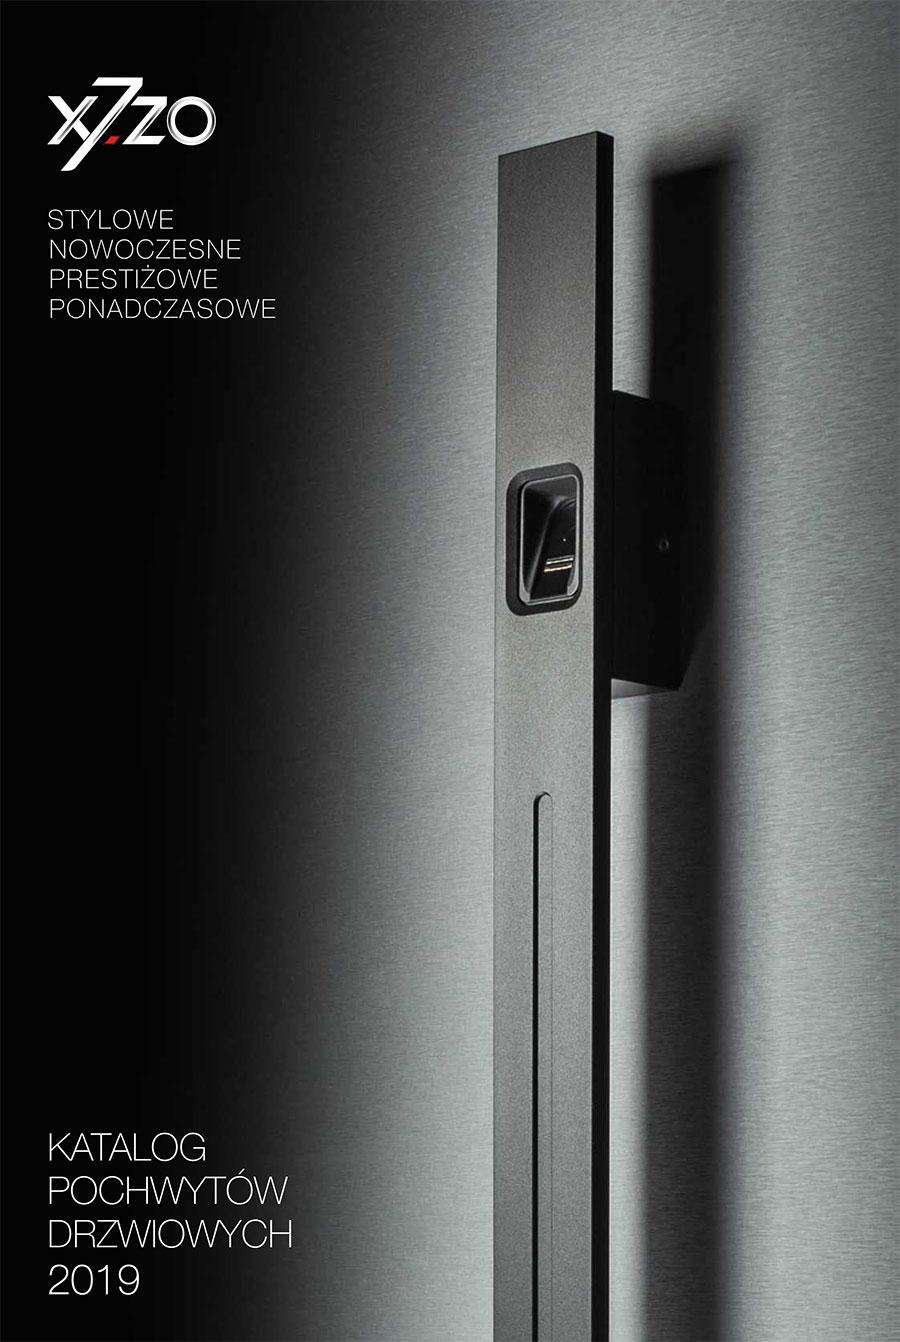 pochwyty drzwiowe marki x7zo - model Katalog